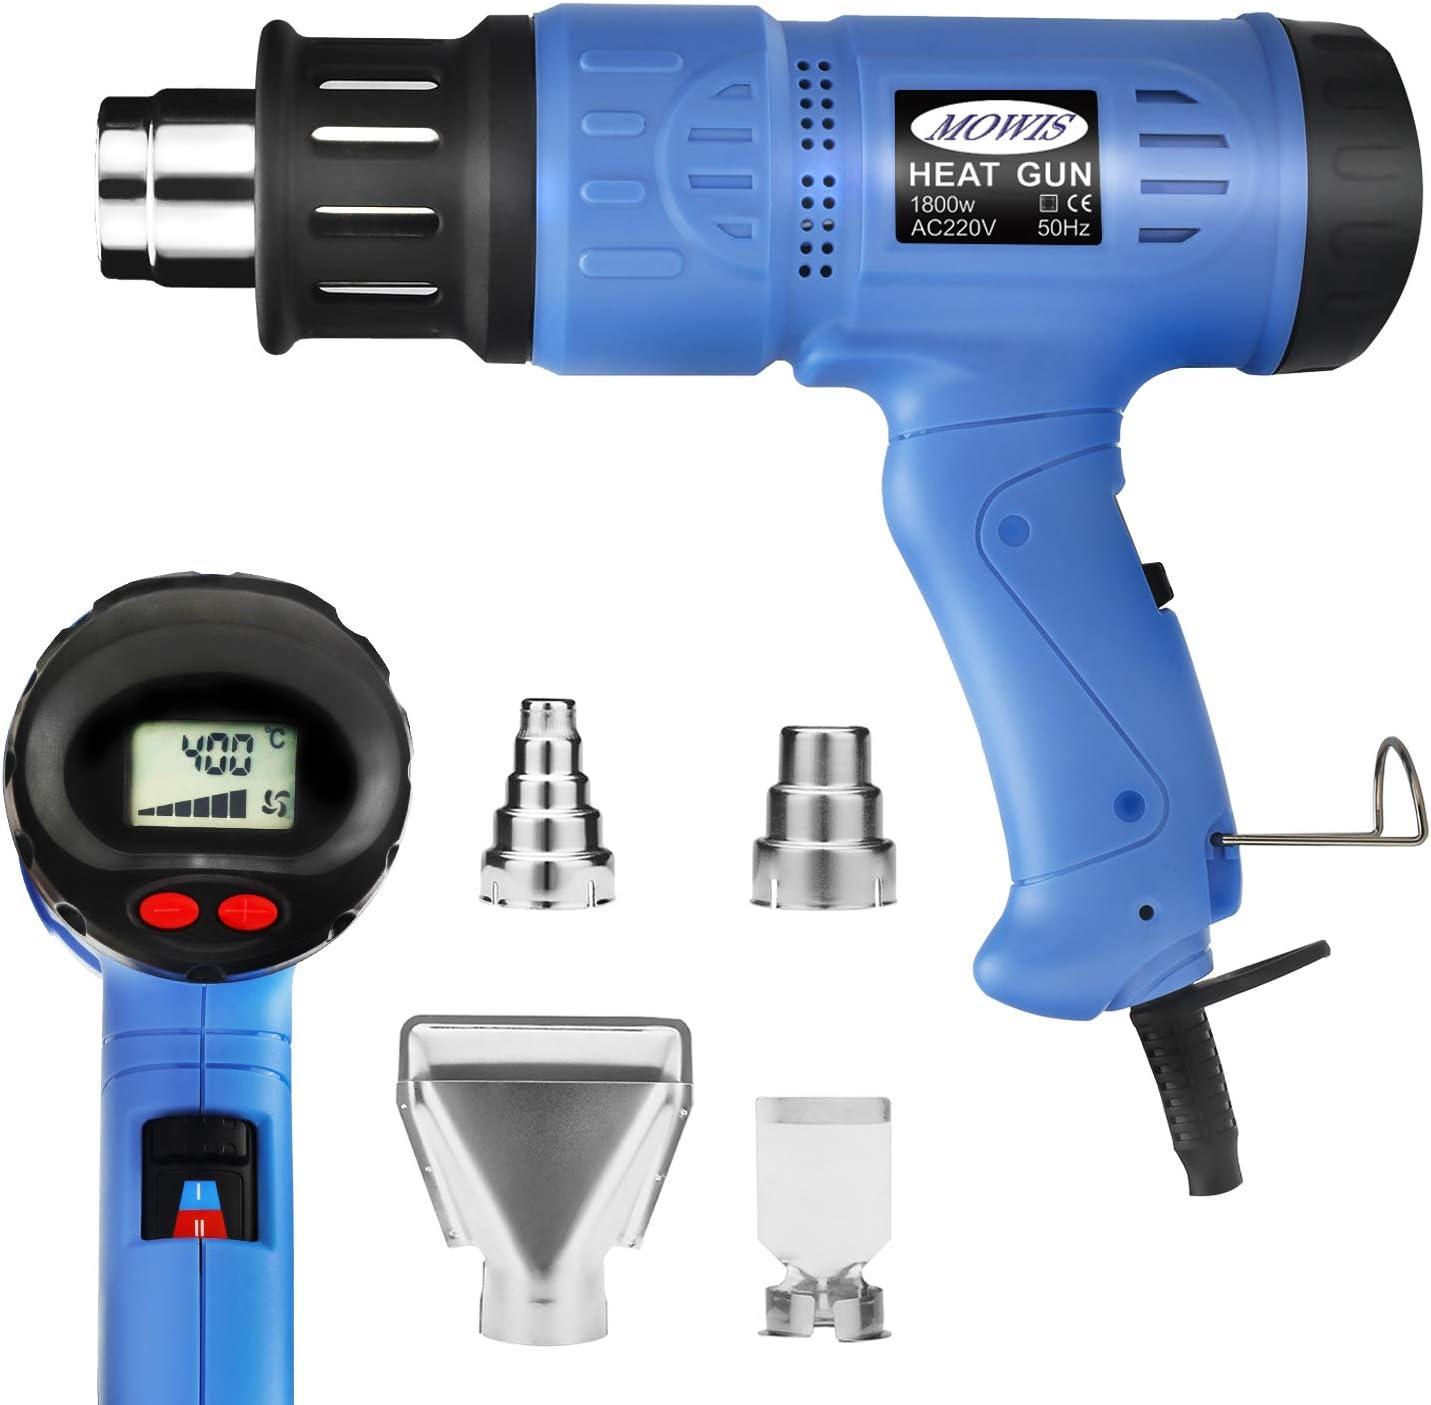 Pistola de Aire Caliente MOWIS calor Decapador Profesional con Pantalla LCD Temperatura Ajustable (100-600℃, 190-500L/min) 4 accesorios para Pelar Pintura, Deformar Tubos, Encoger PVC